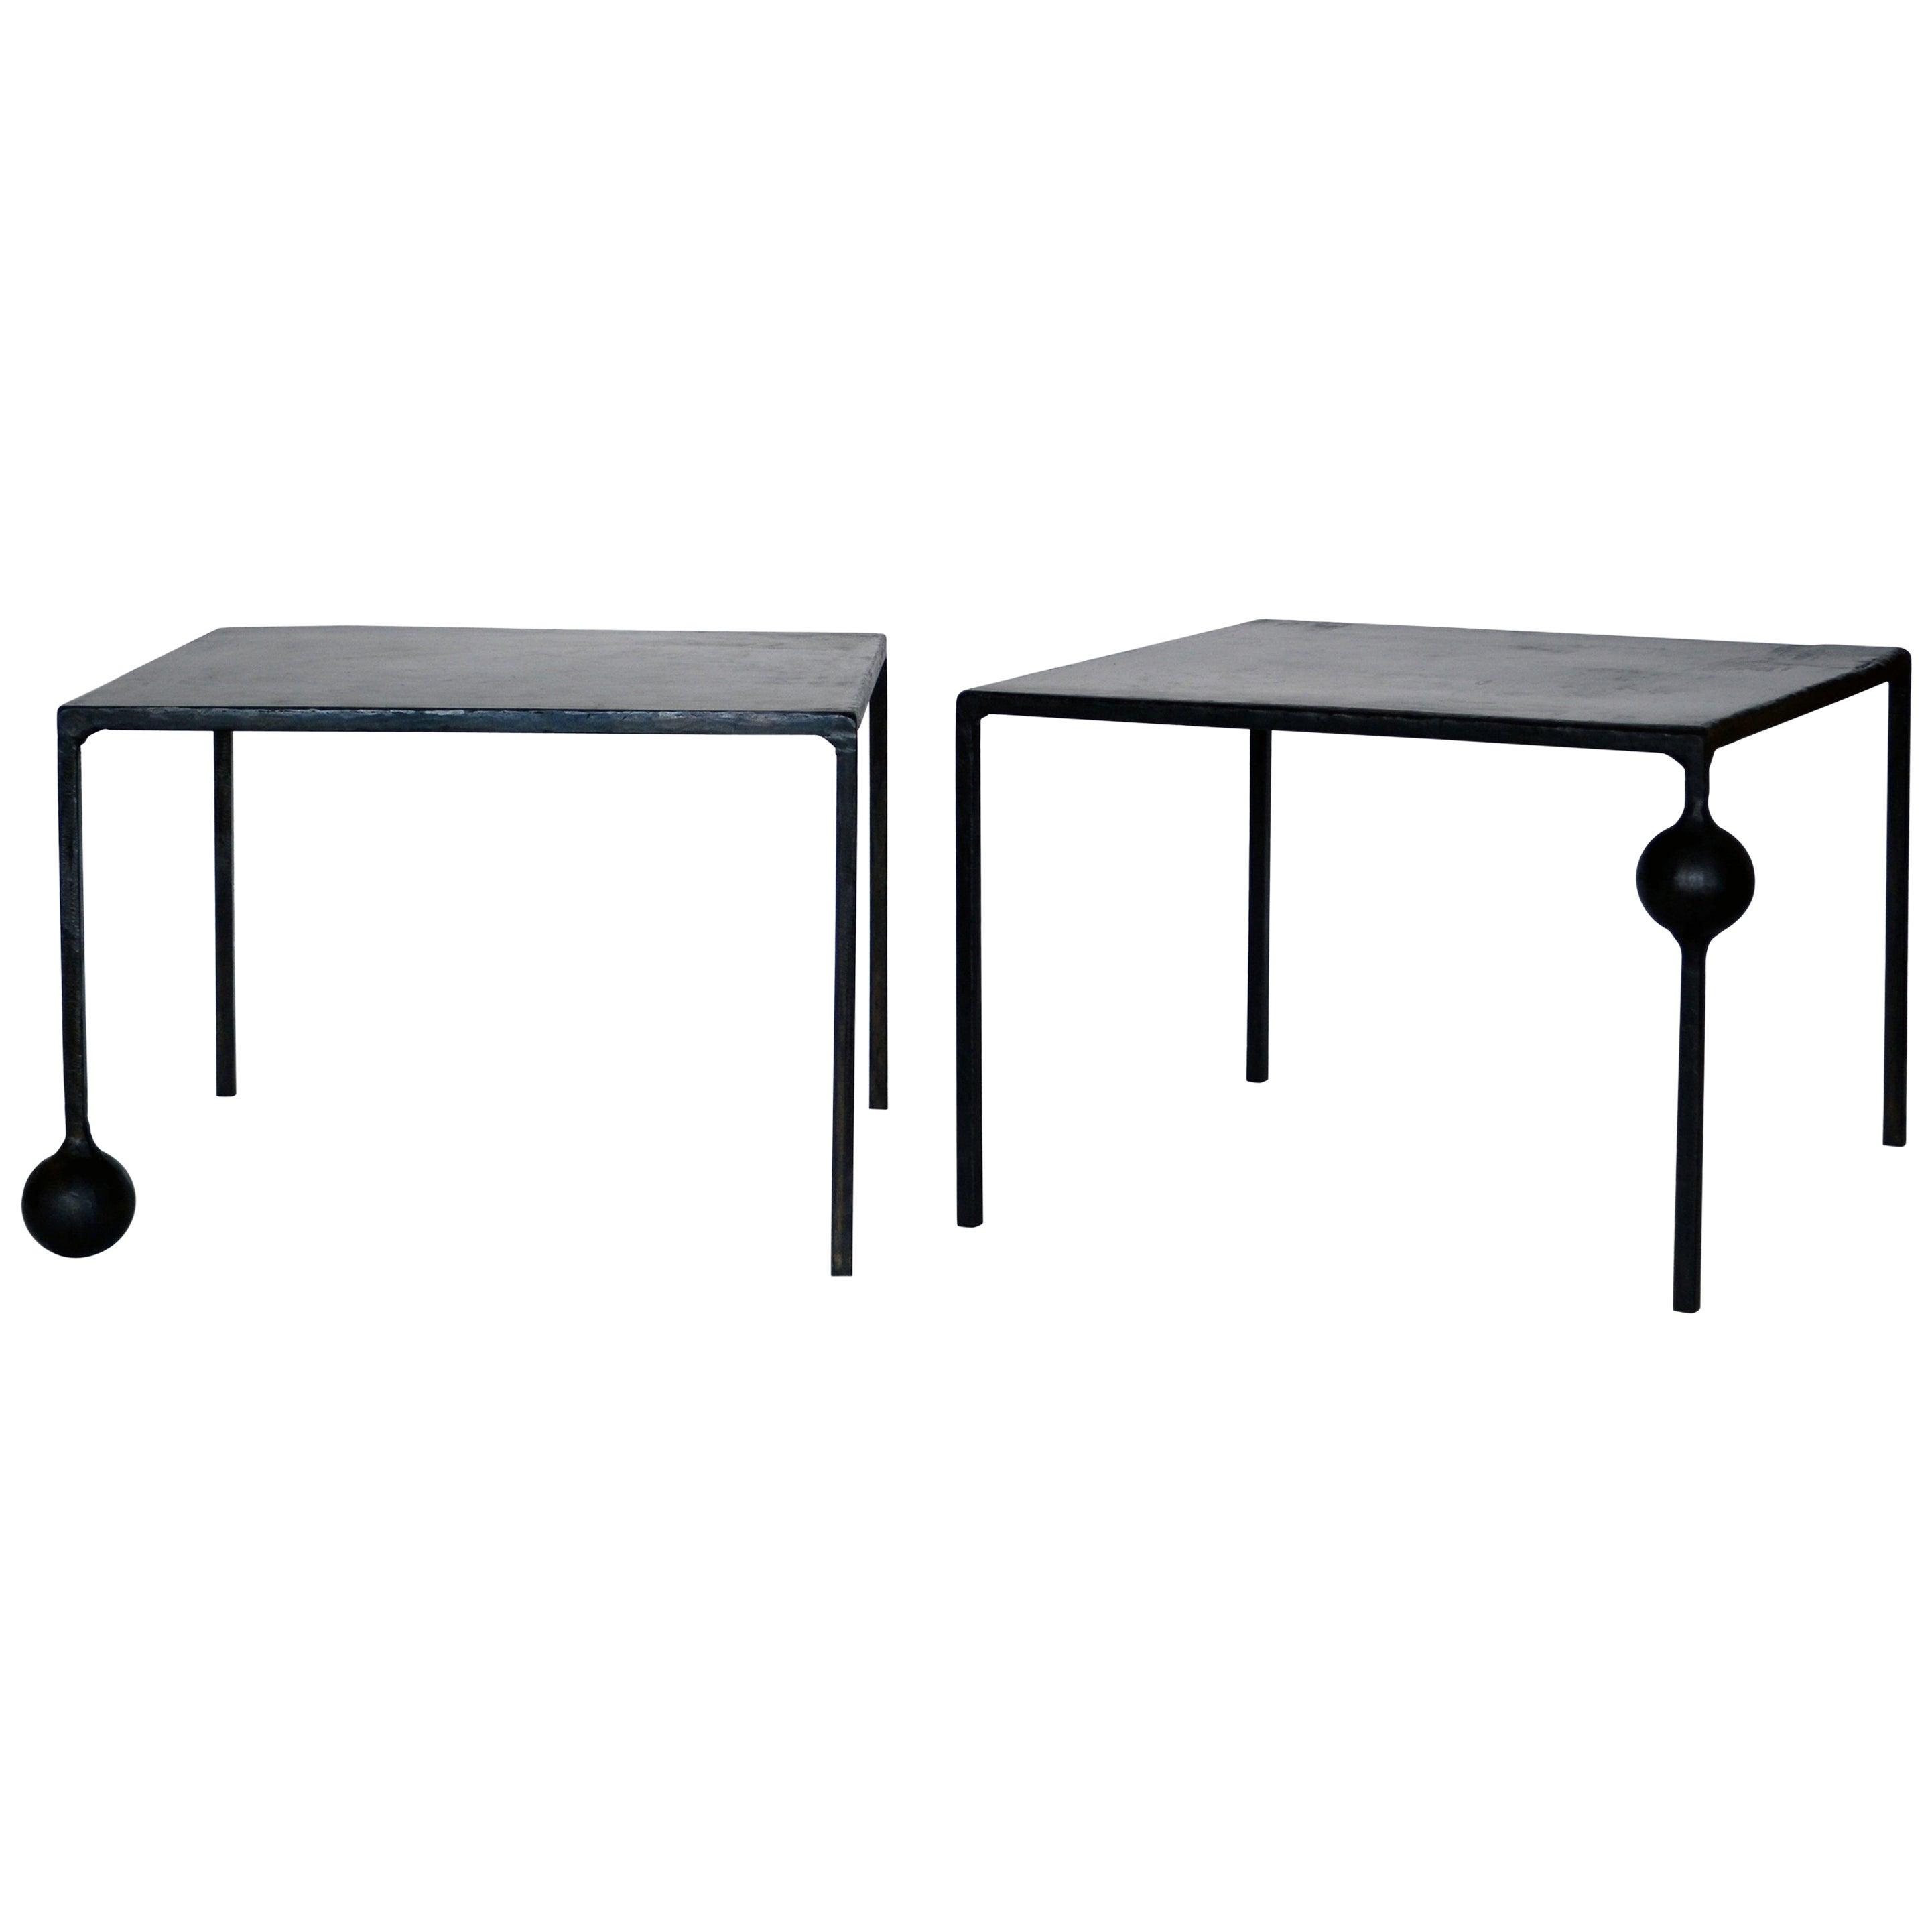 Pair of End/Side Tables Modern Geometric Handmade Carved Blackened Steel